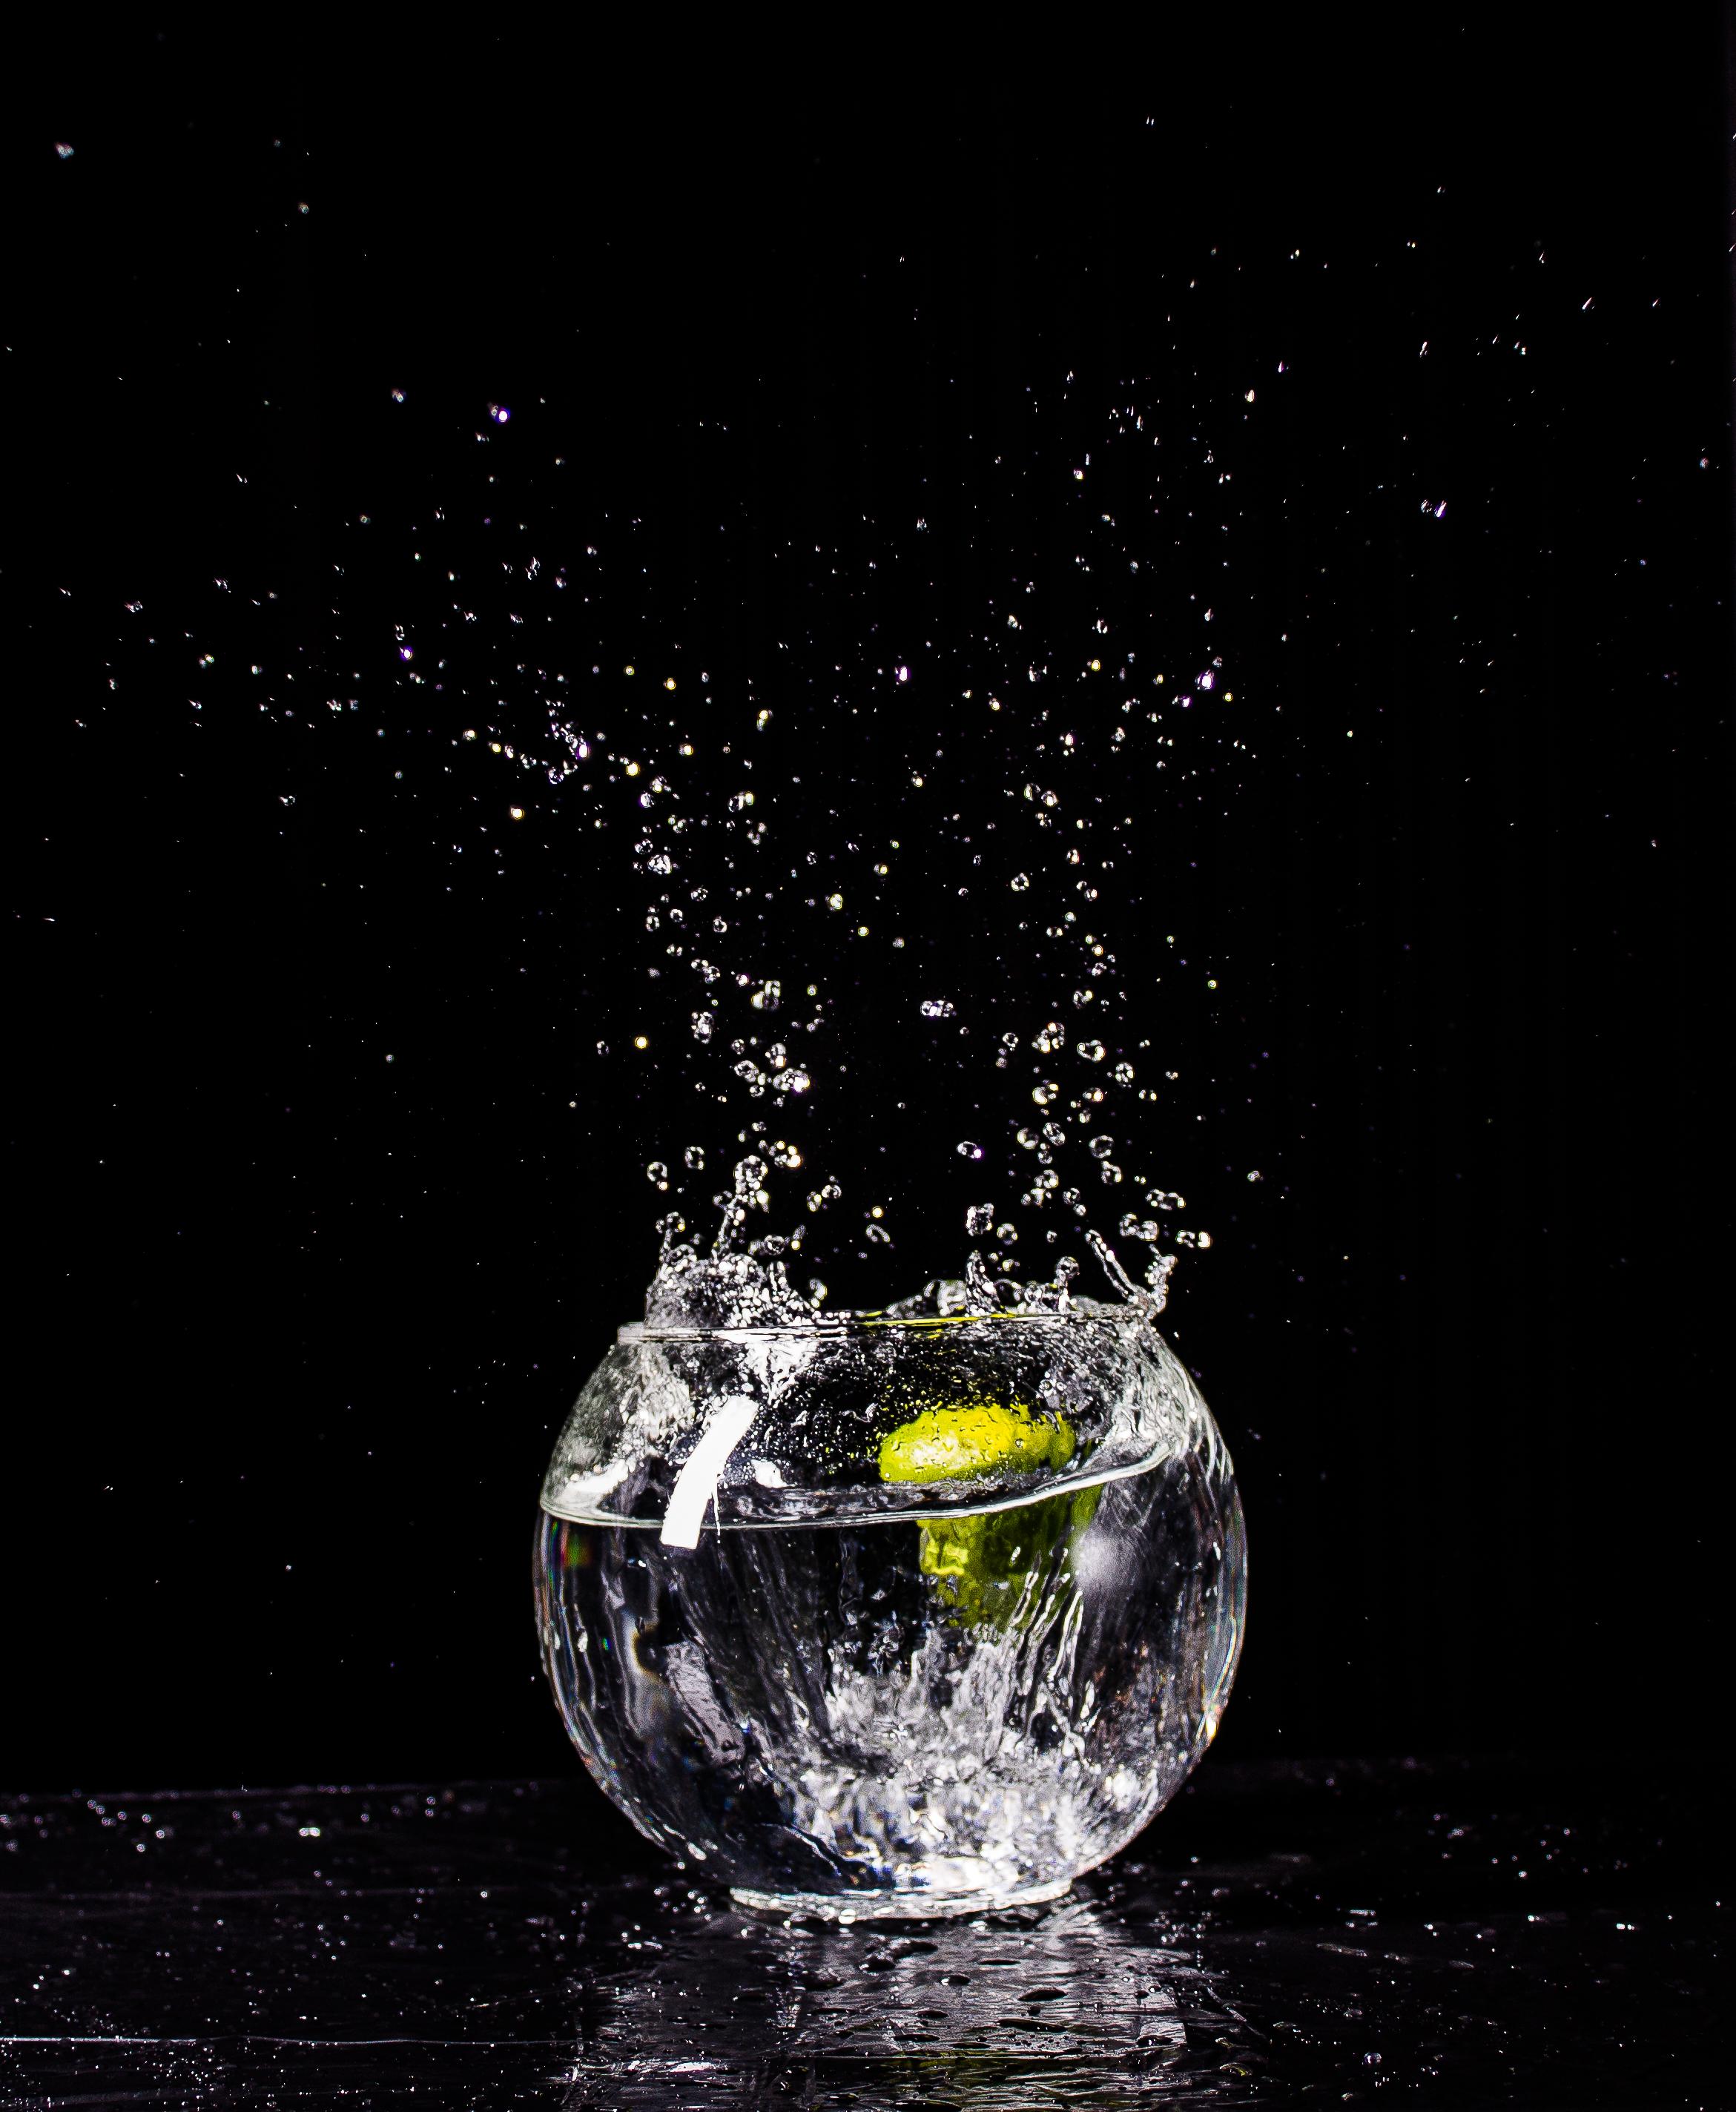 130154 скачать обои Капли, Вода, Черный, Всплеск, Стеклянный - заставки и картинки бесплатно